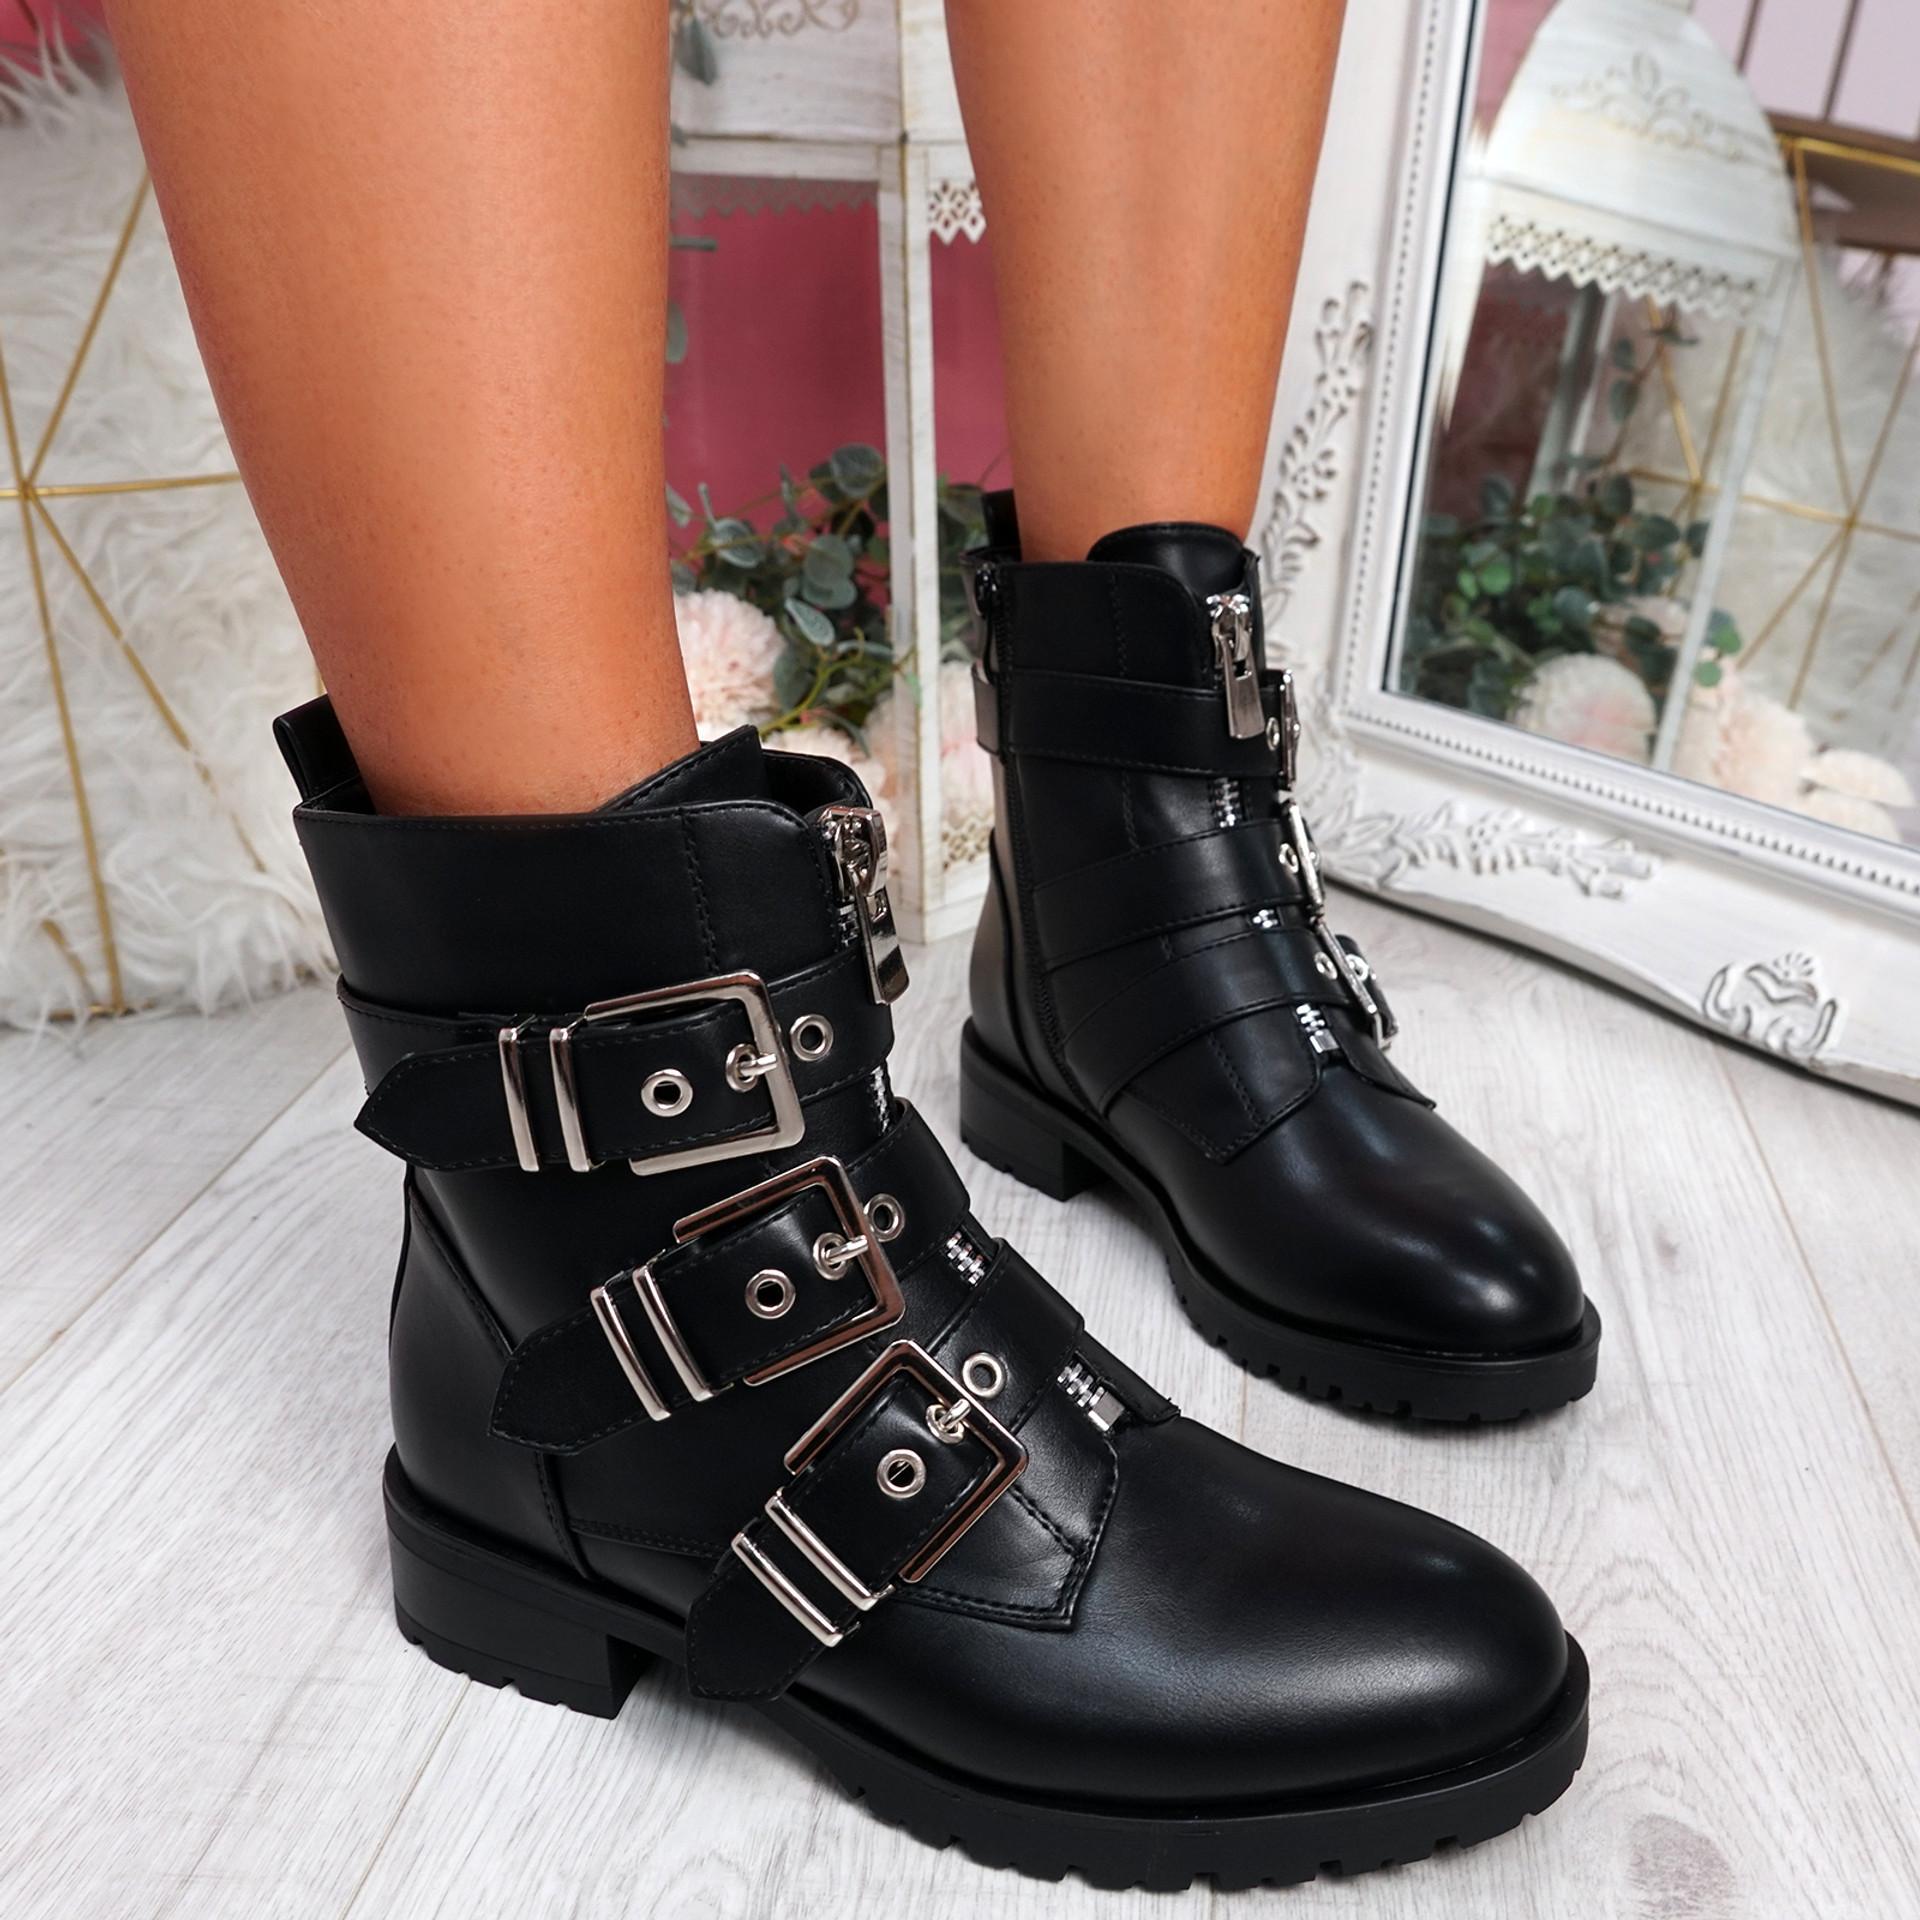 Bonne Black Pu Buckle Ankle Boots